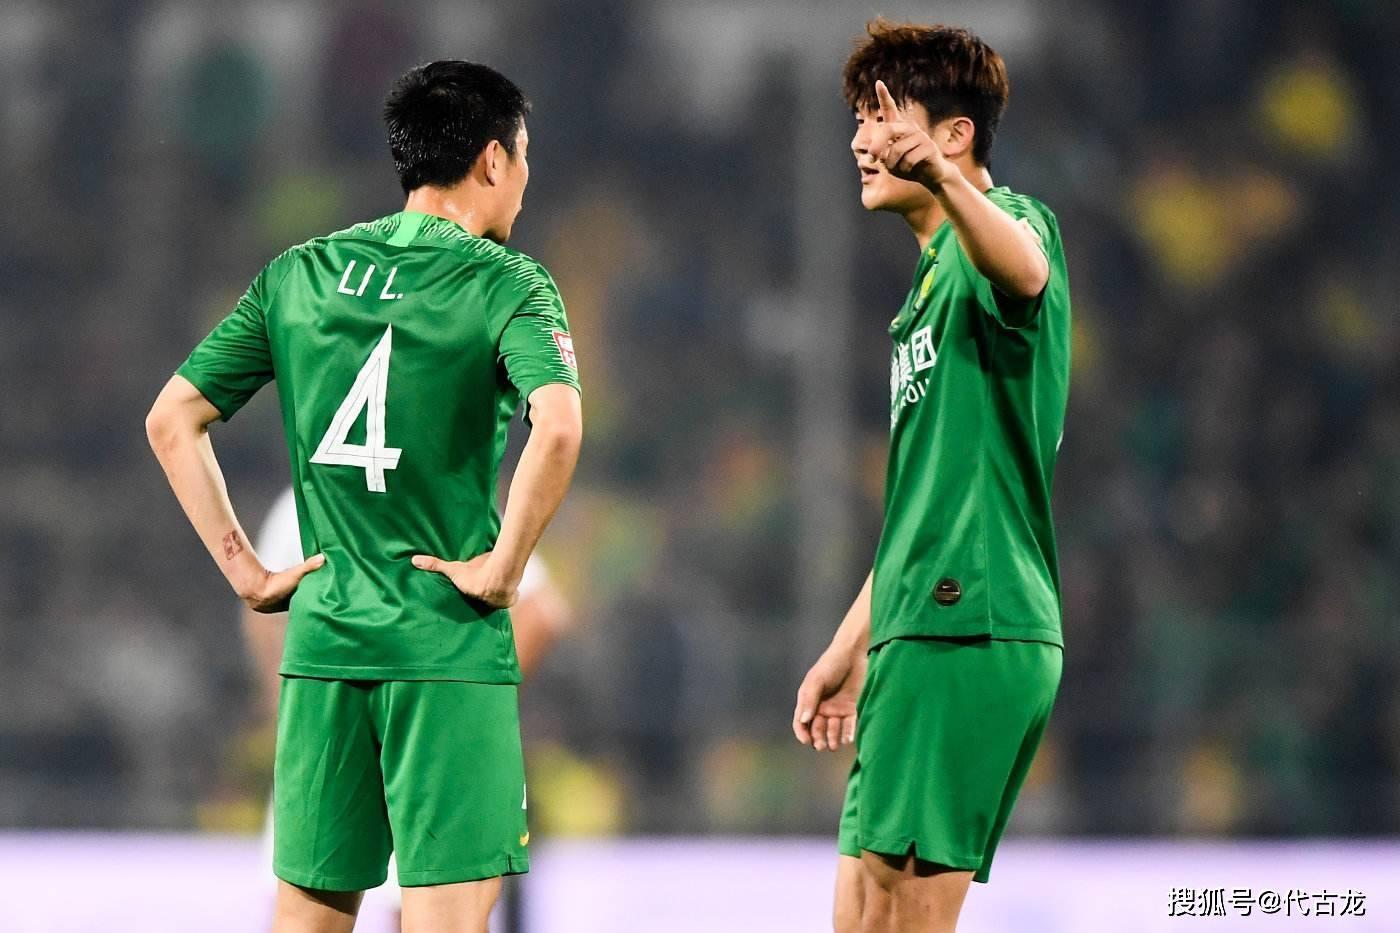 原创            韩国媒体:金玟哉即将回到国安,去热刺踢球的希望很渺茫